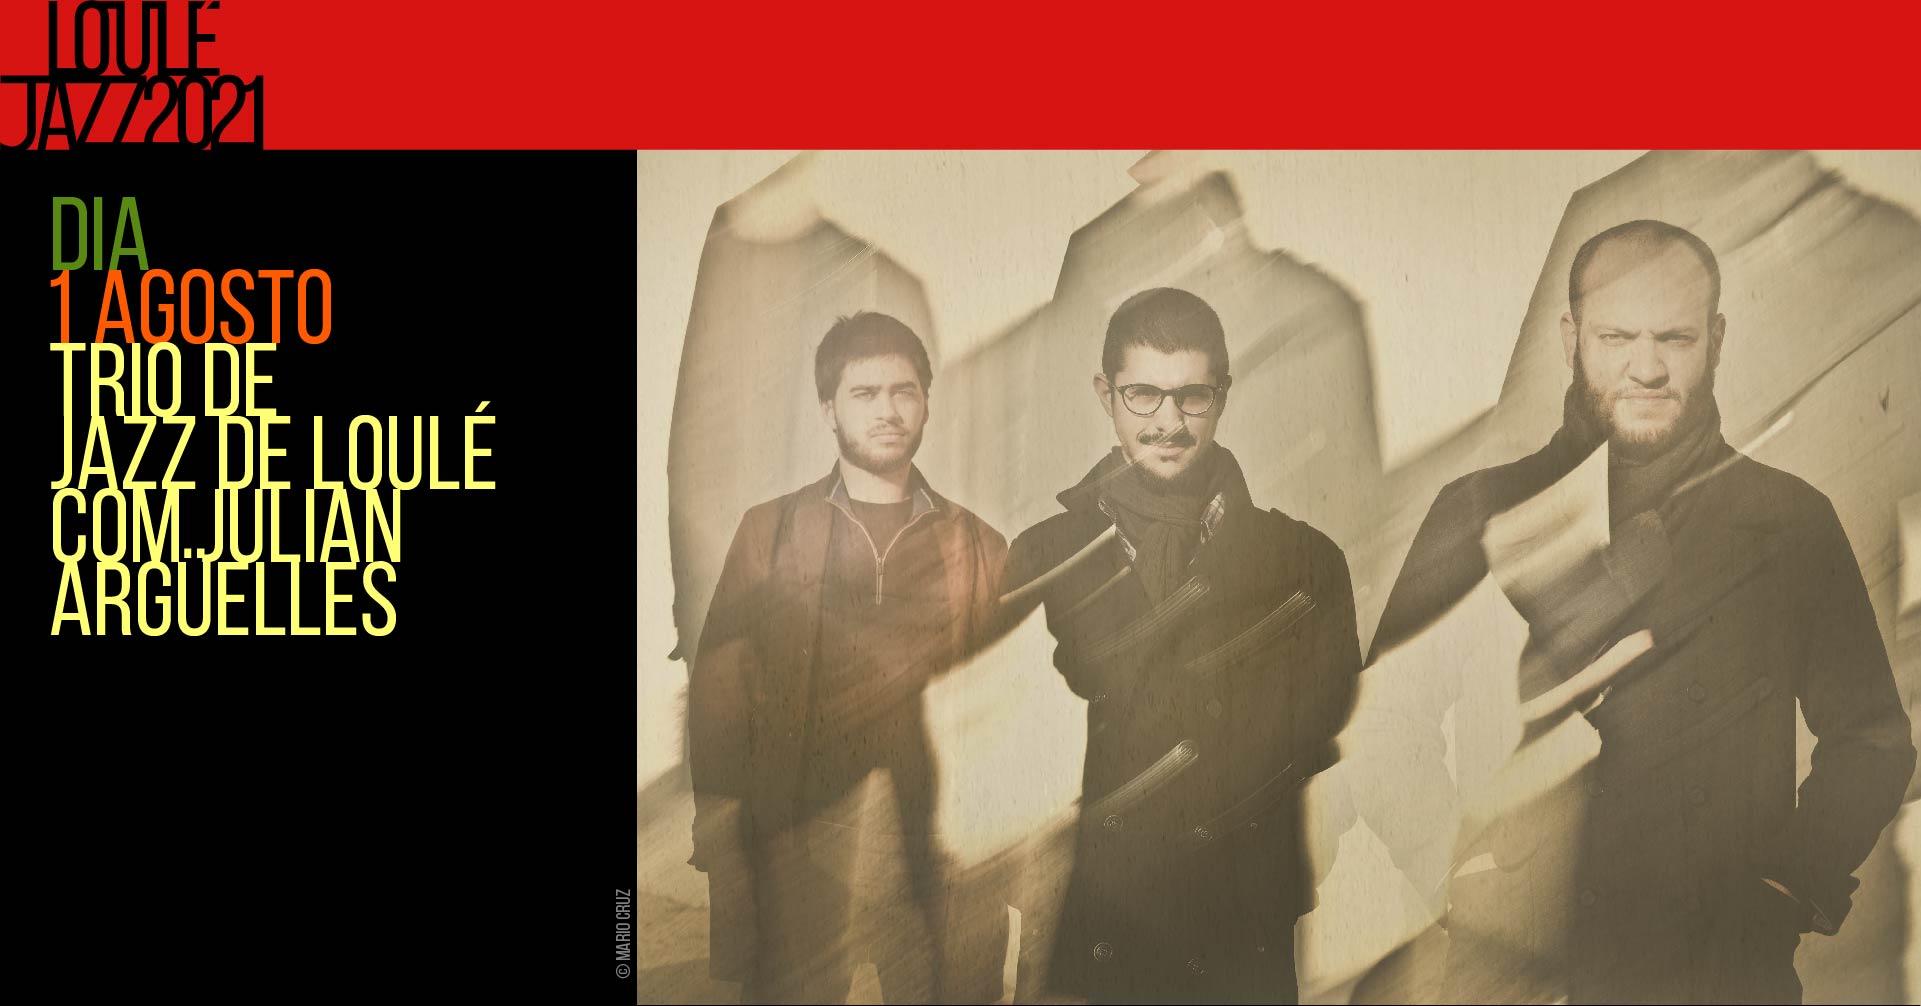 26º Loulé Jazz | Trio de Jazz de Loulé convida Julian Argüelles